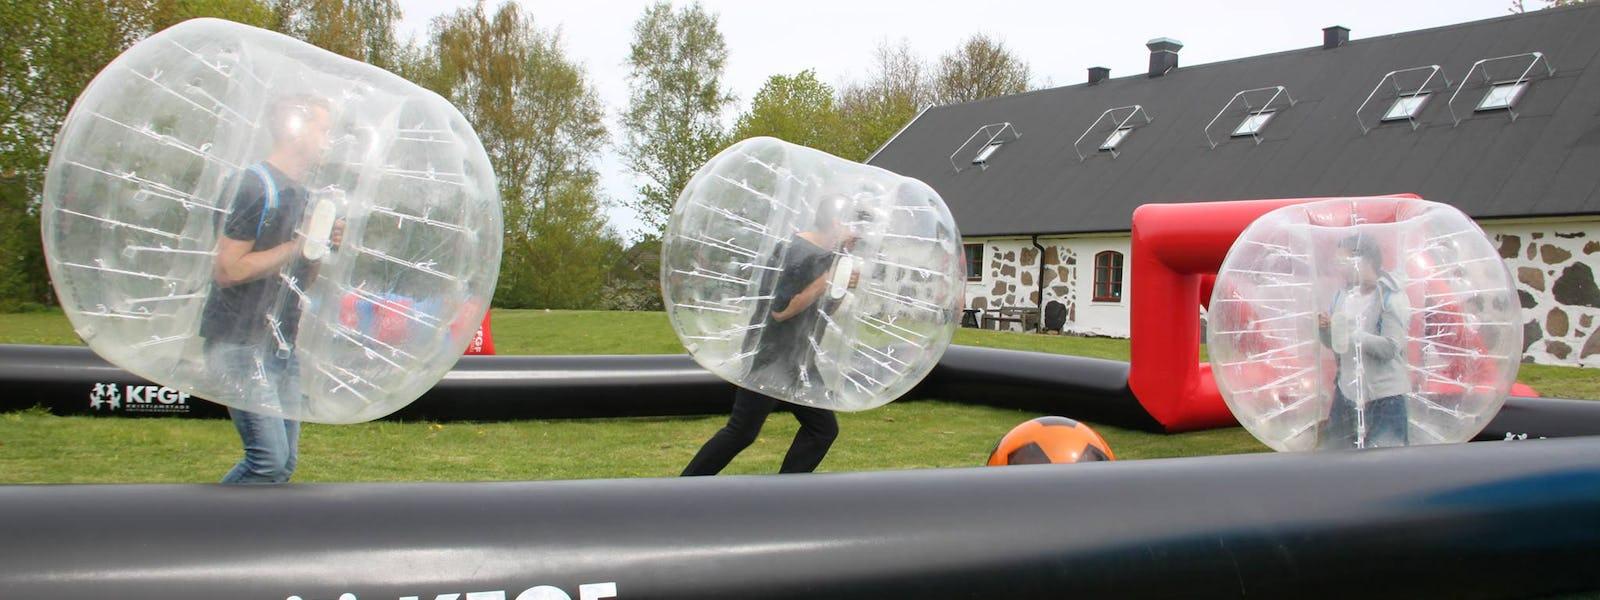 Bild - Bubbleball i Nya Åhusparken